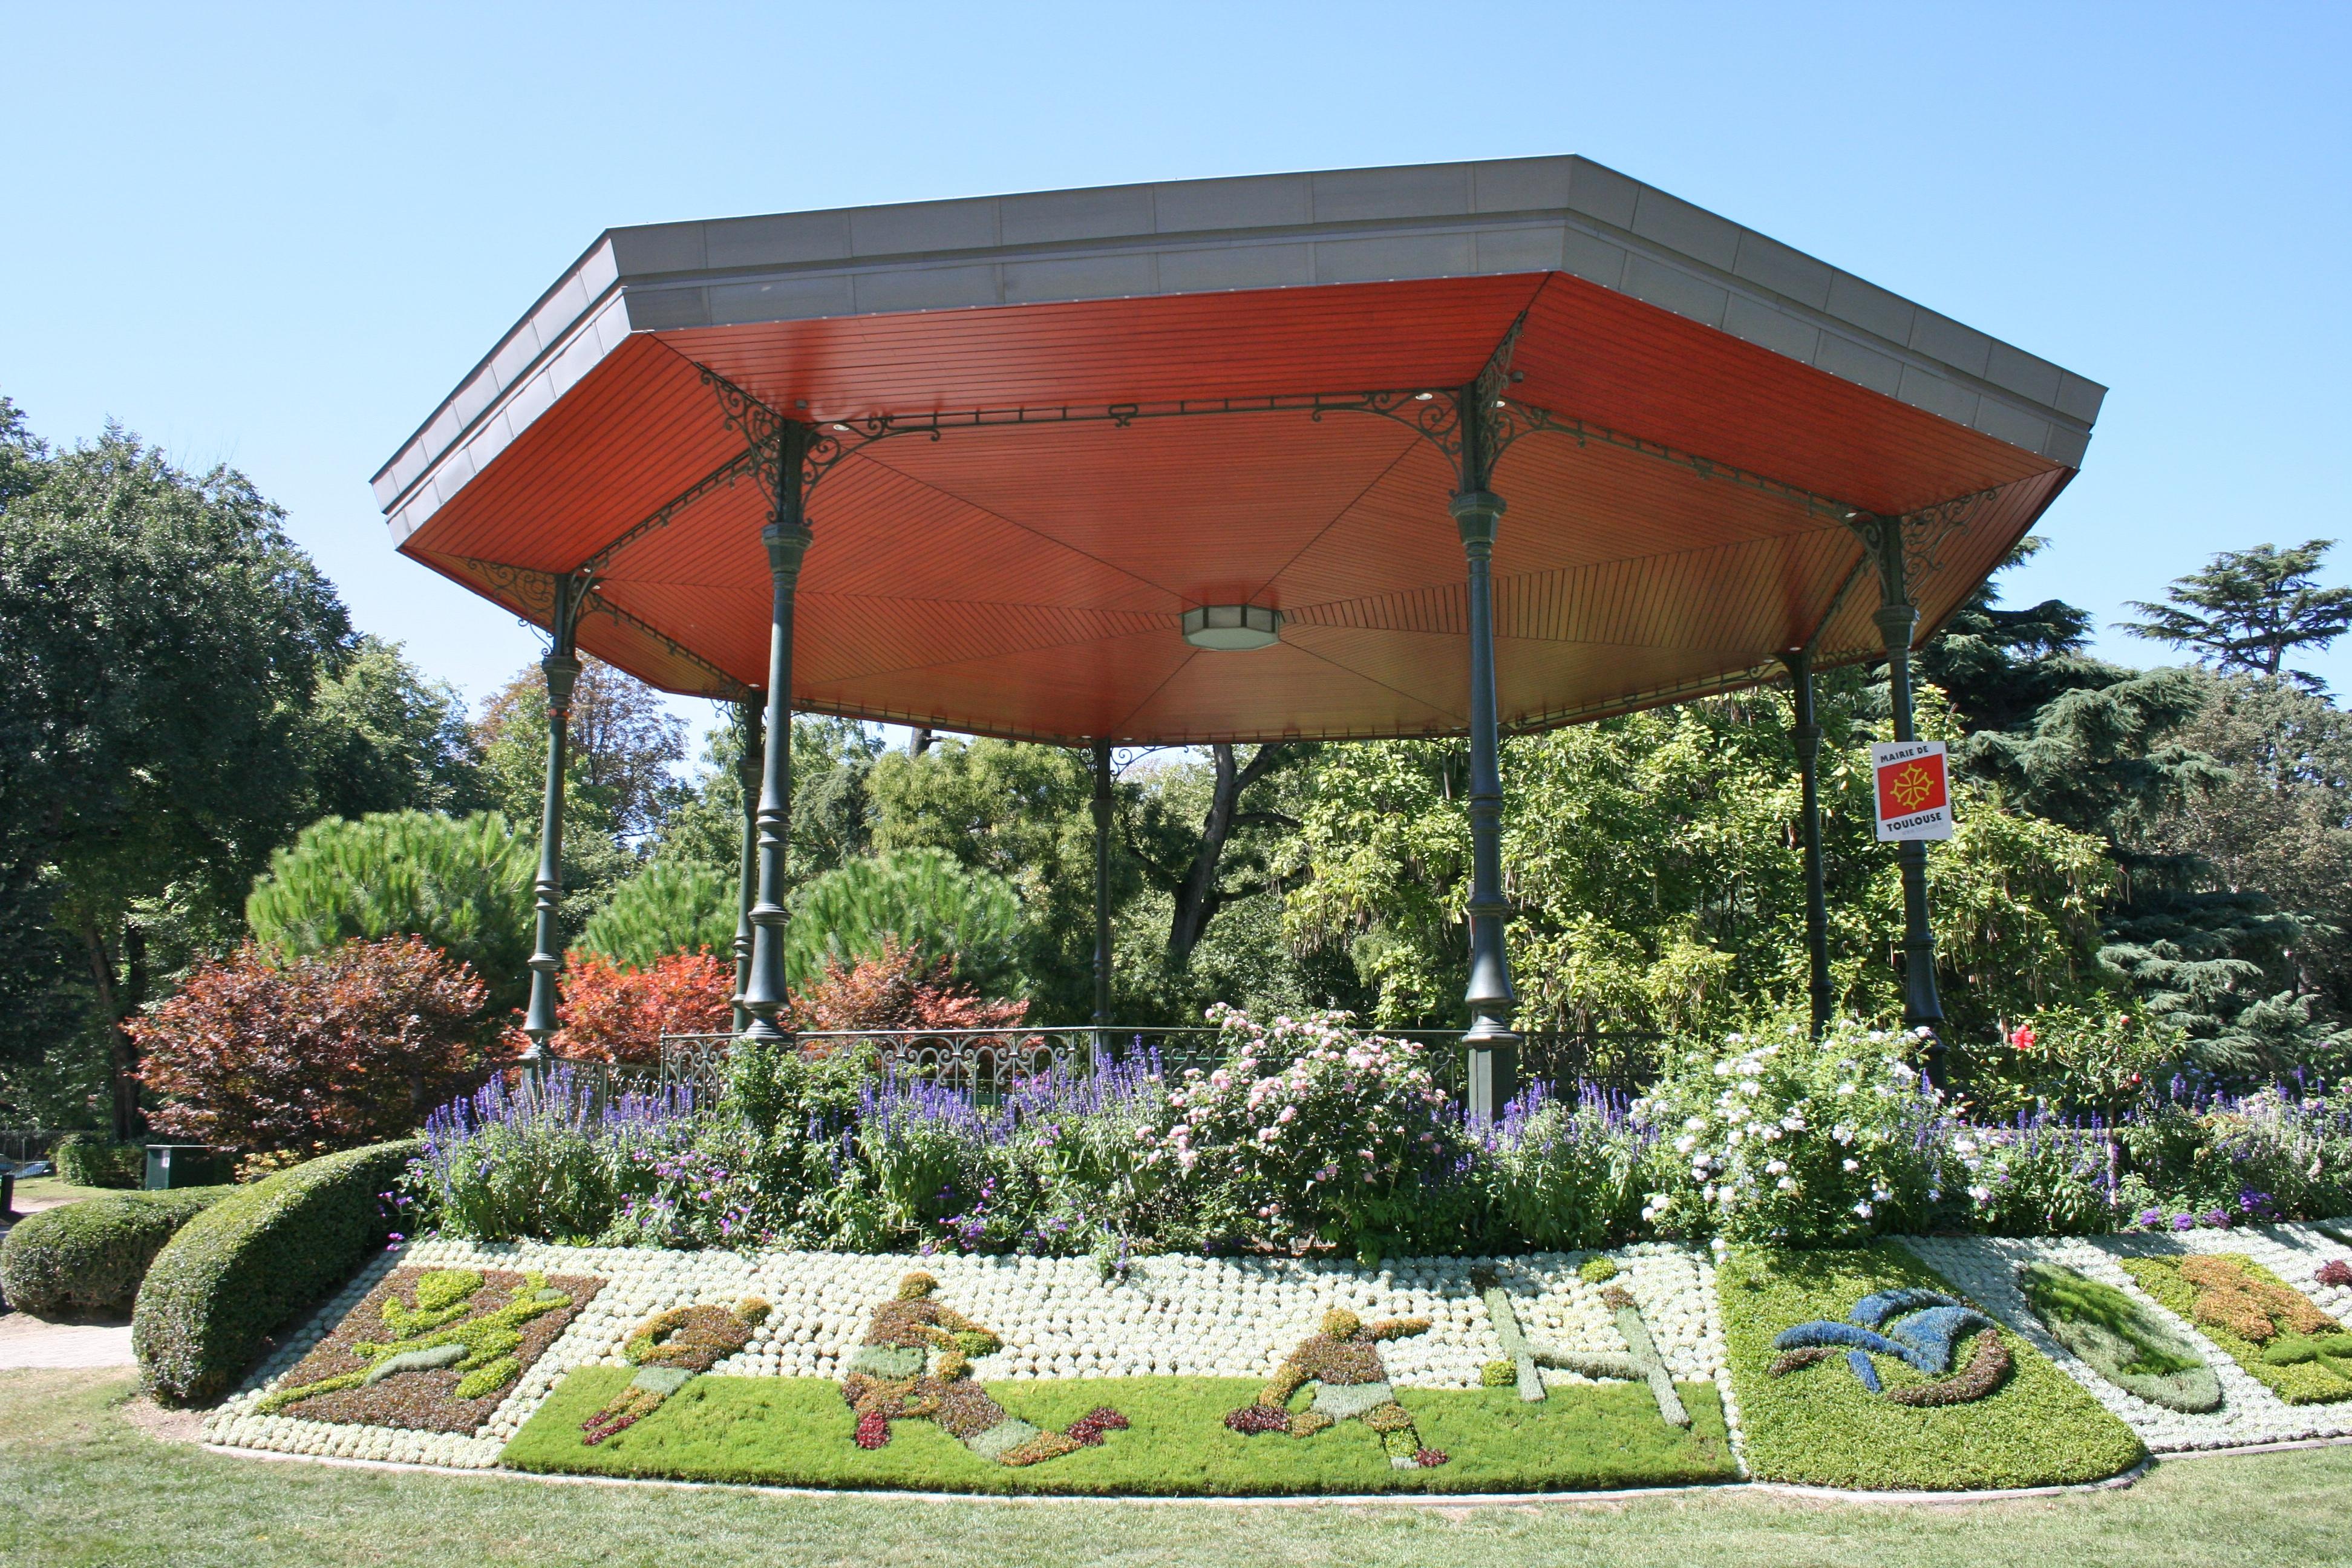 File:Bandstand in Jardin des Plantes, Toulouse.jpg ...